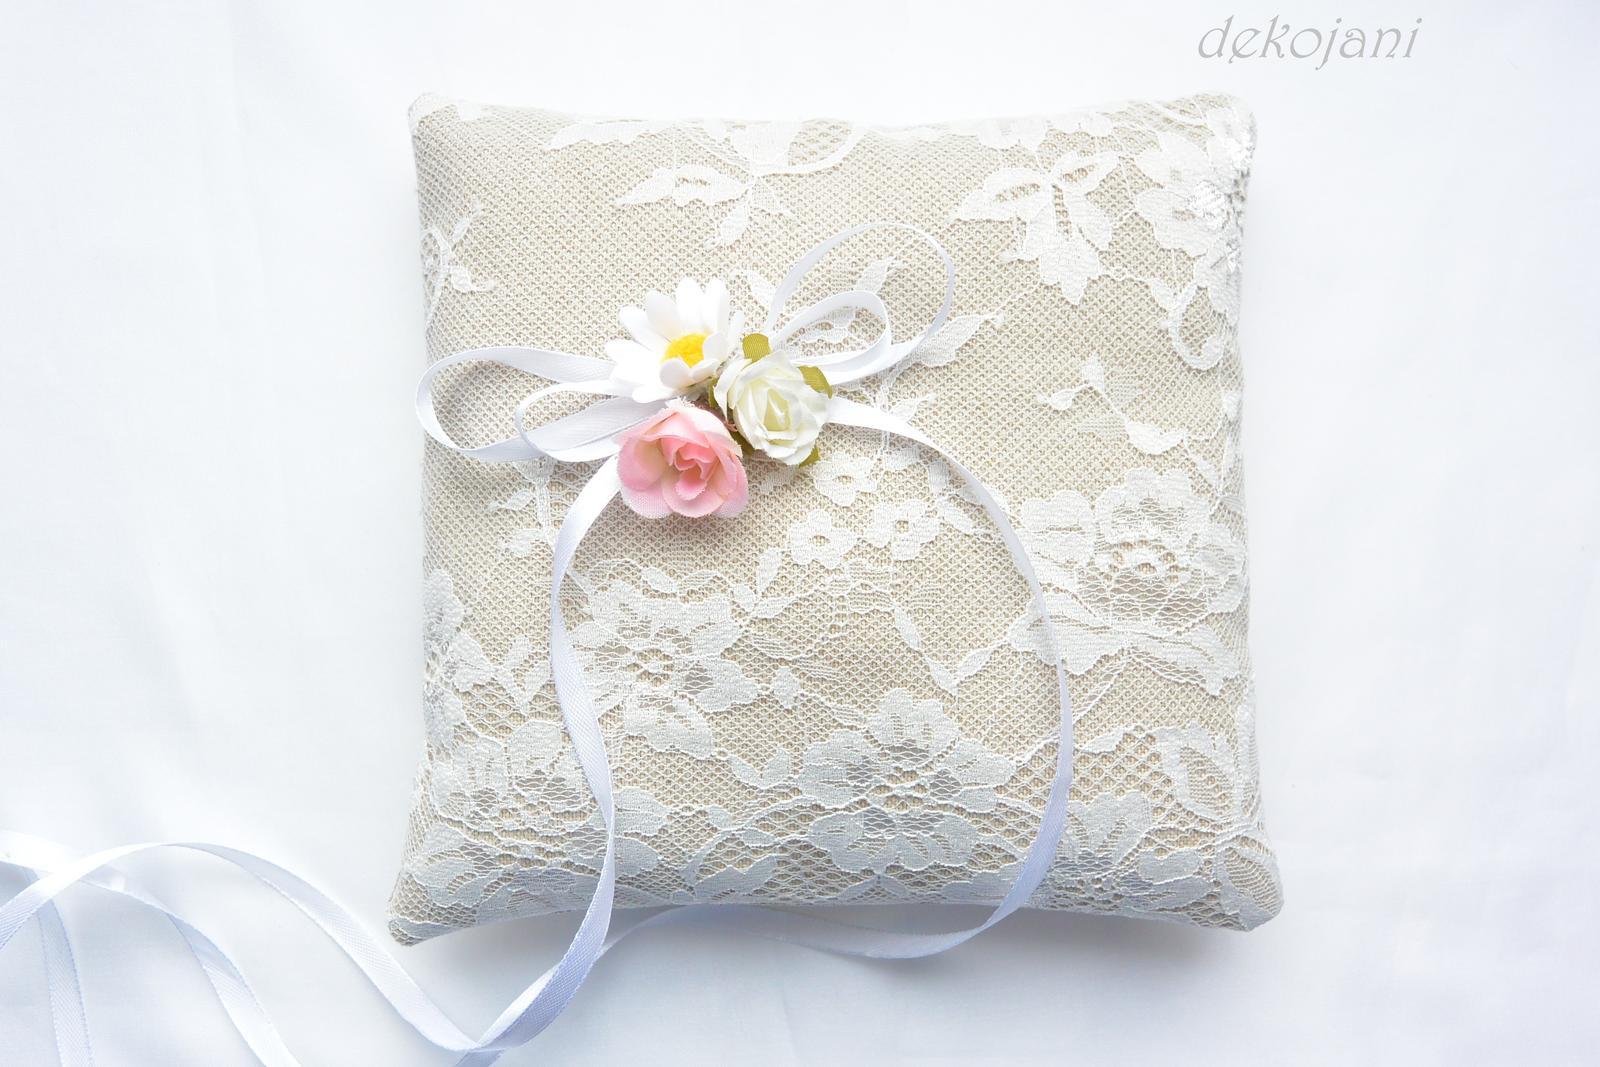 Luxusní svatební doplňky a dekorace. - Obrázek č. 1